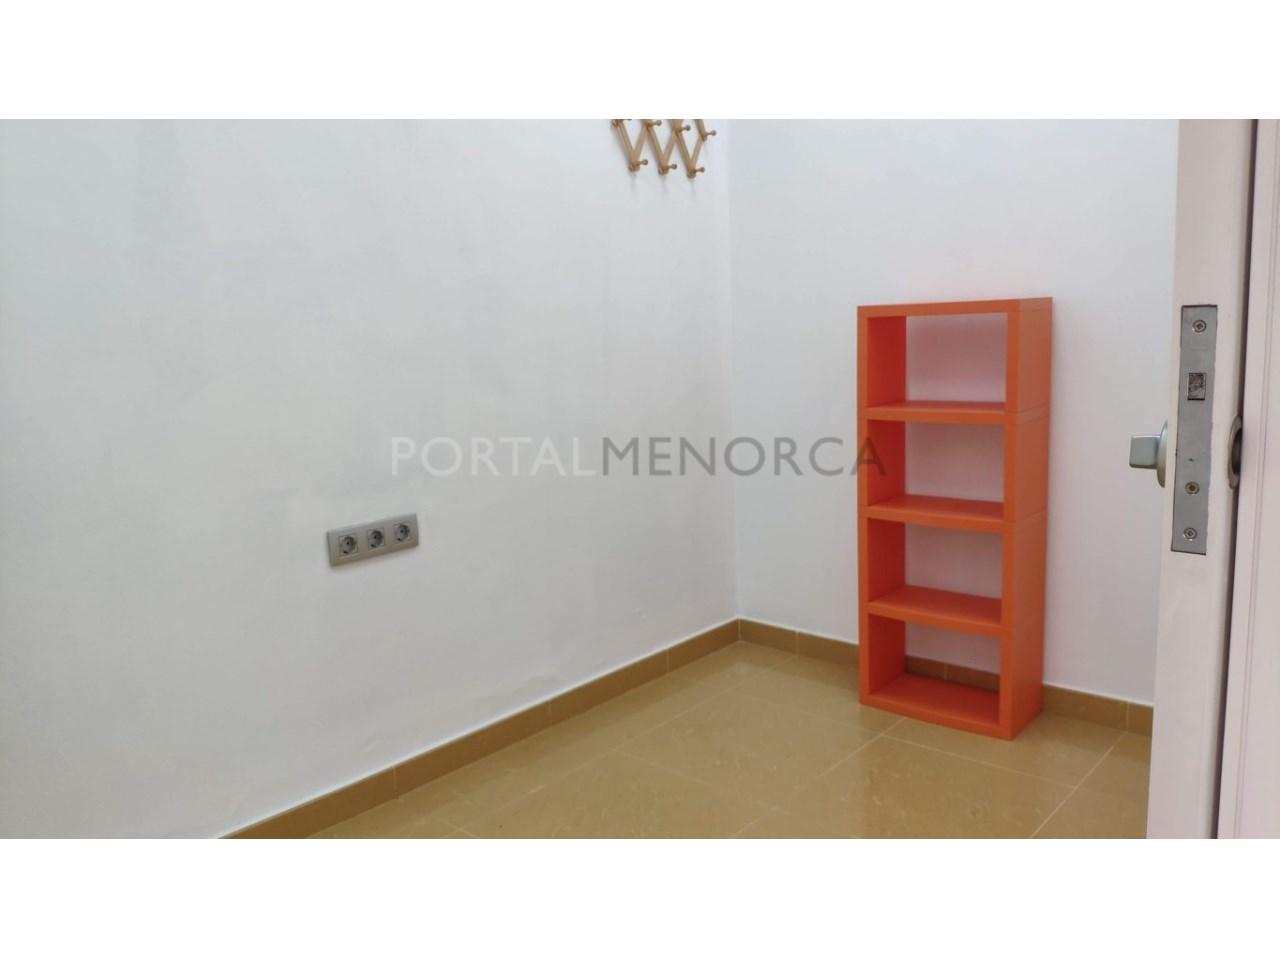 Local for sale in Ciutadella Menorca-Room